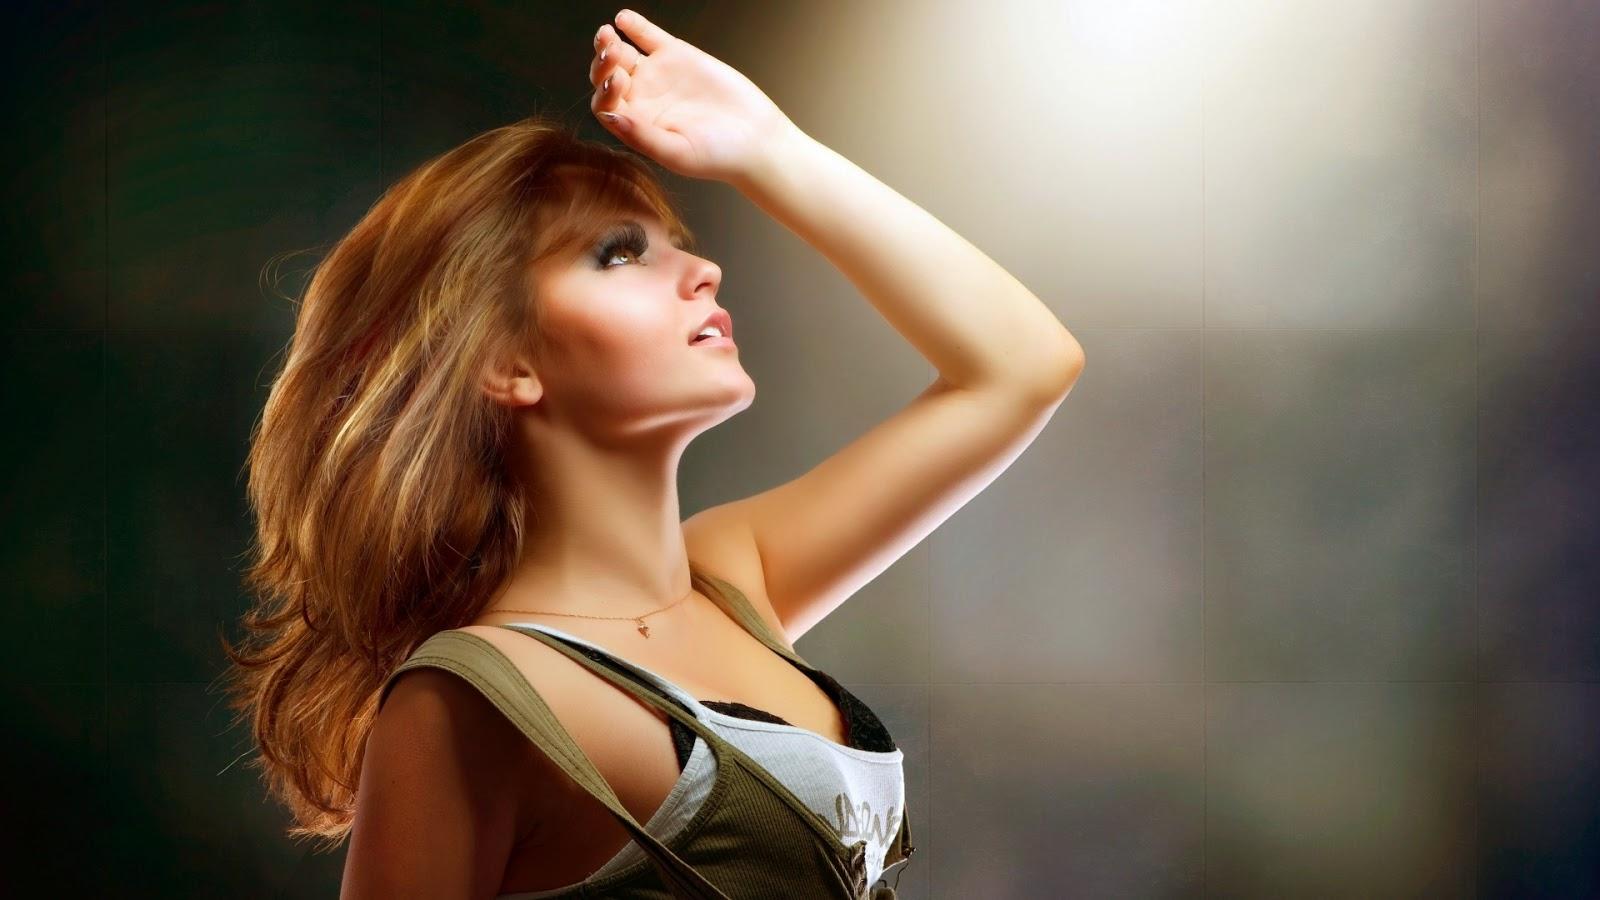 ЛЕДИ ФАКТОР - женский журнал!: Красивые ...: lady-bum.blogspot.com/2015/03/blog-post.html